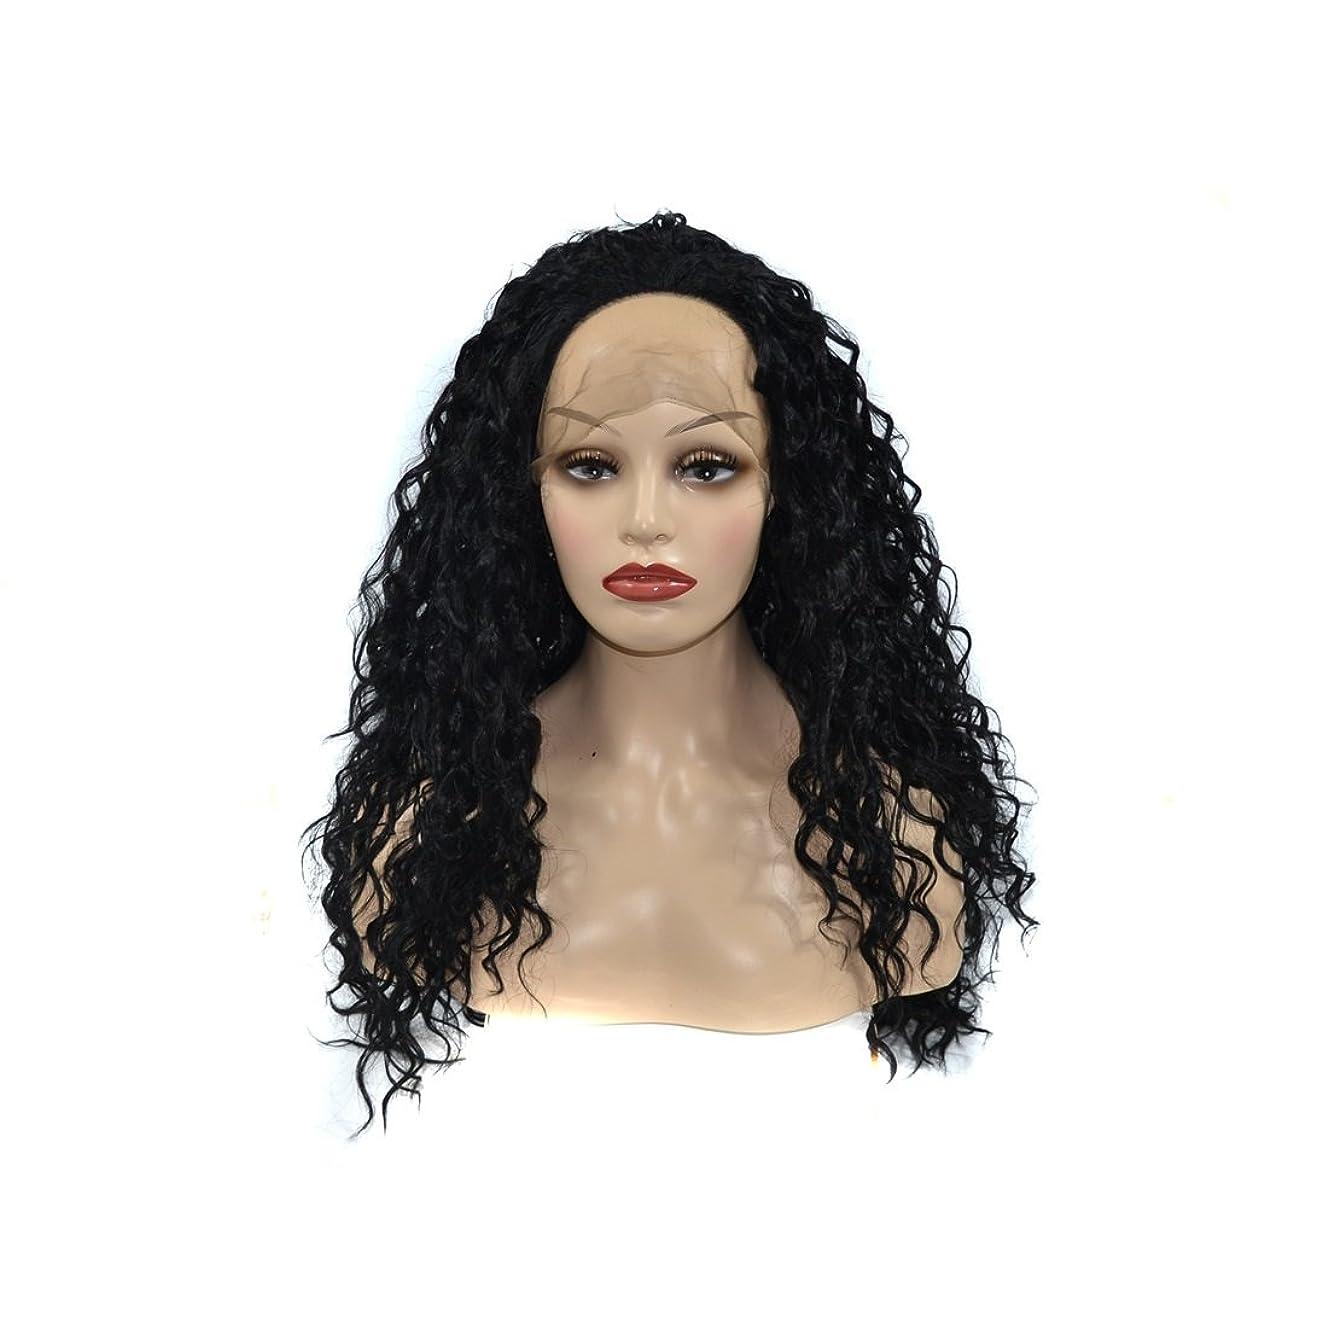 手つかずのカビ硫黄JIANFU レースフロントブラックヘア高温スラック合成髪フラットバンズウィッグヘア耐熱26インチ長いカーリーウィッグ女性用 (Color : ブラック)